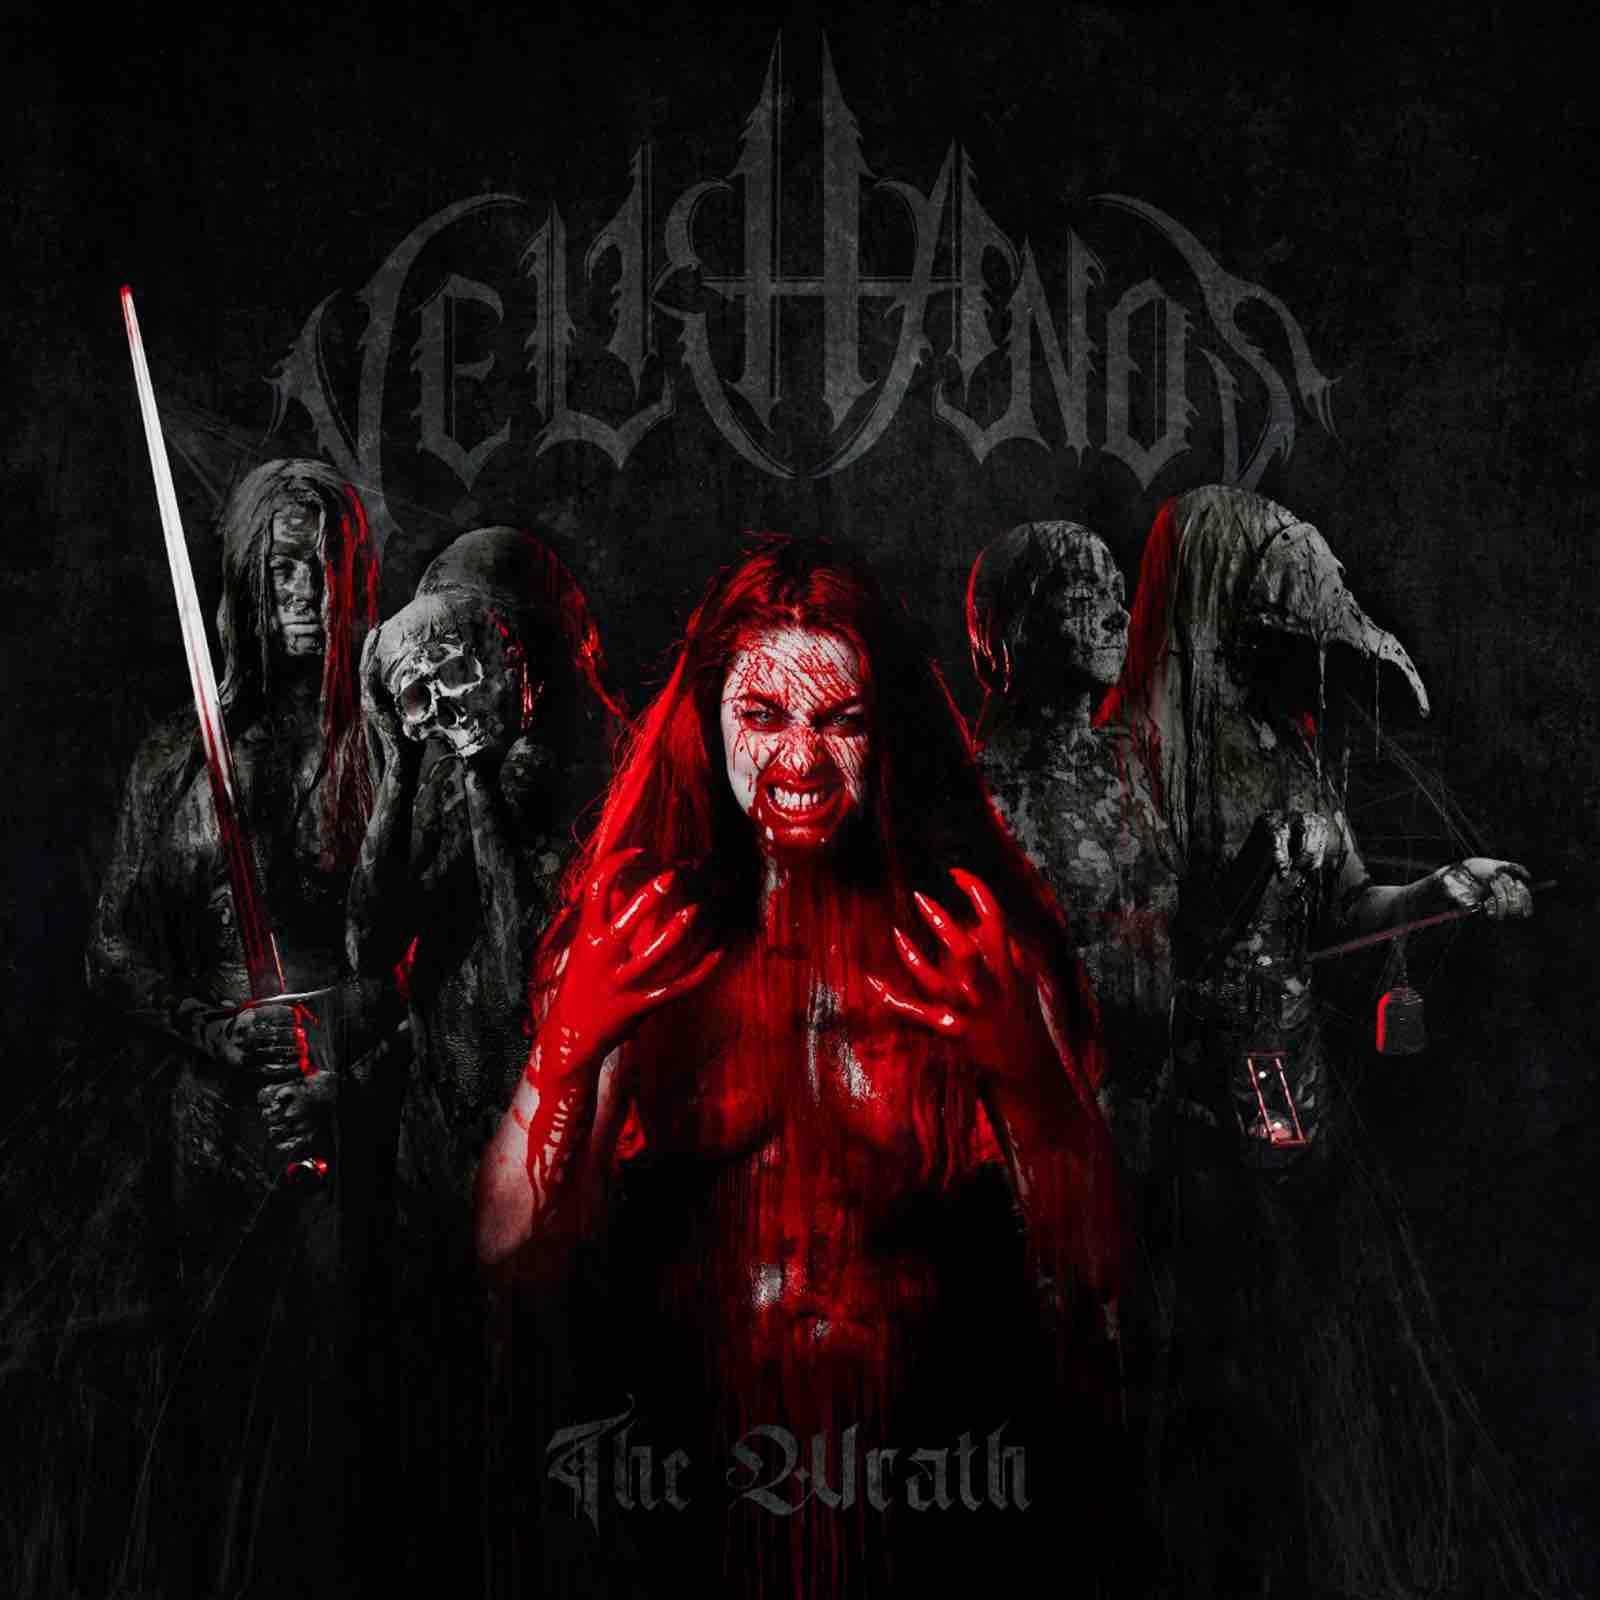 Velkhanos The Wrath